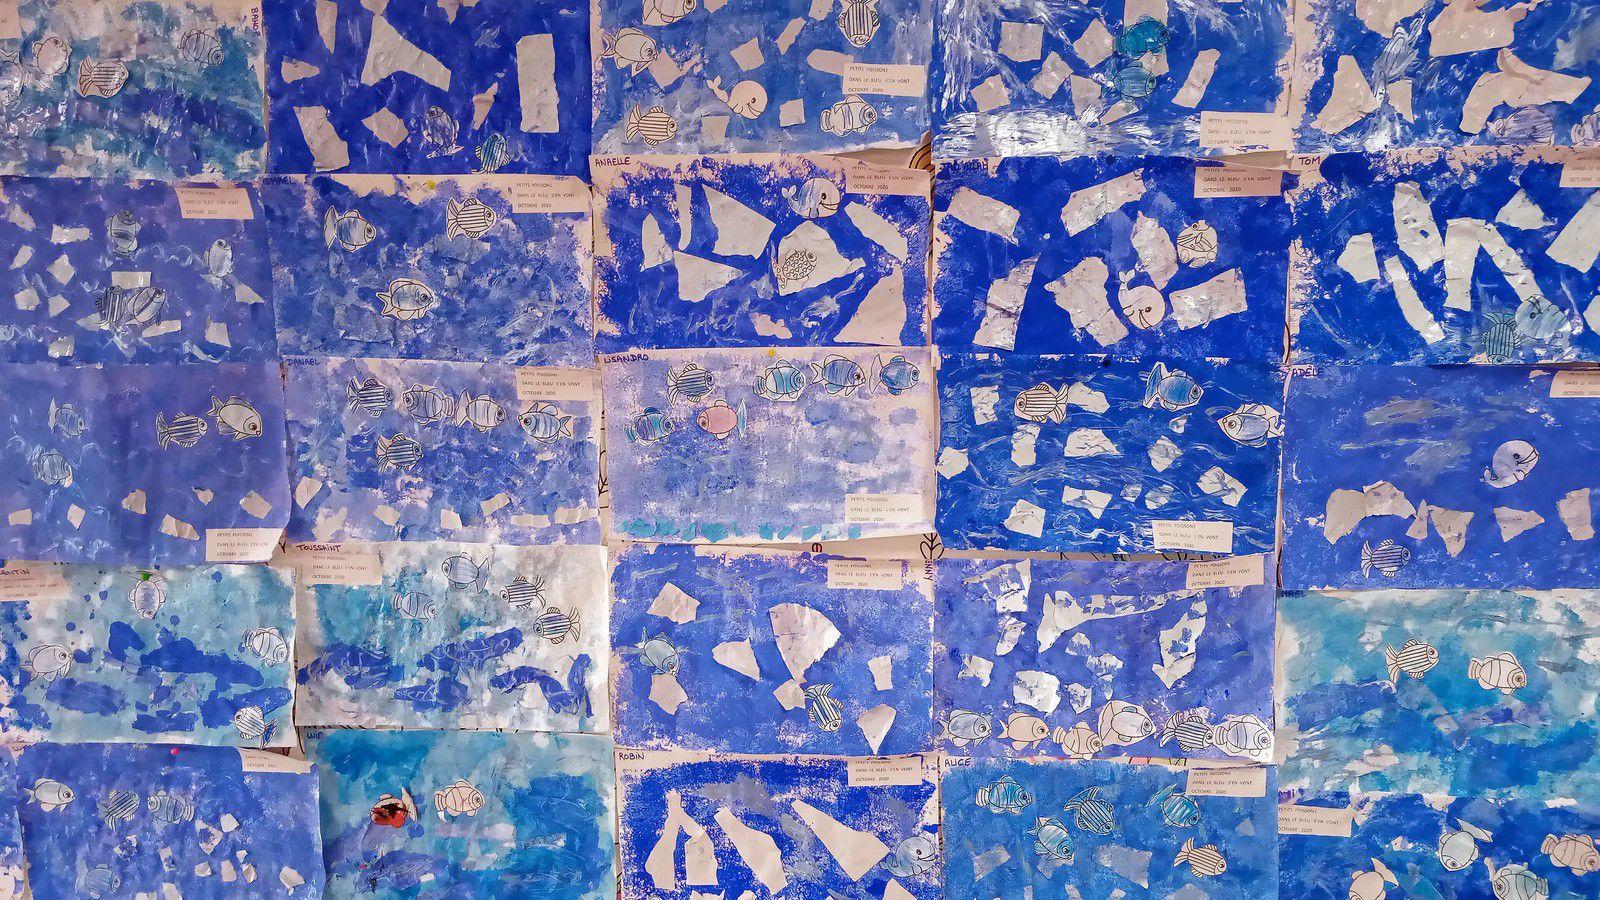 L'Ecole de toutes les couleurs : Bleu